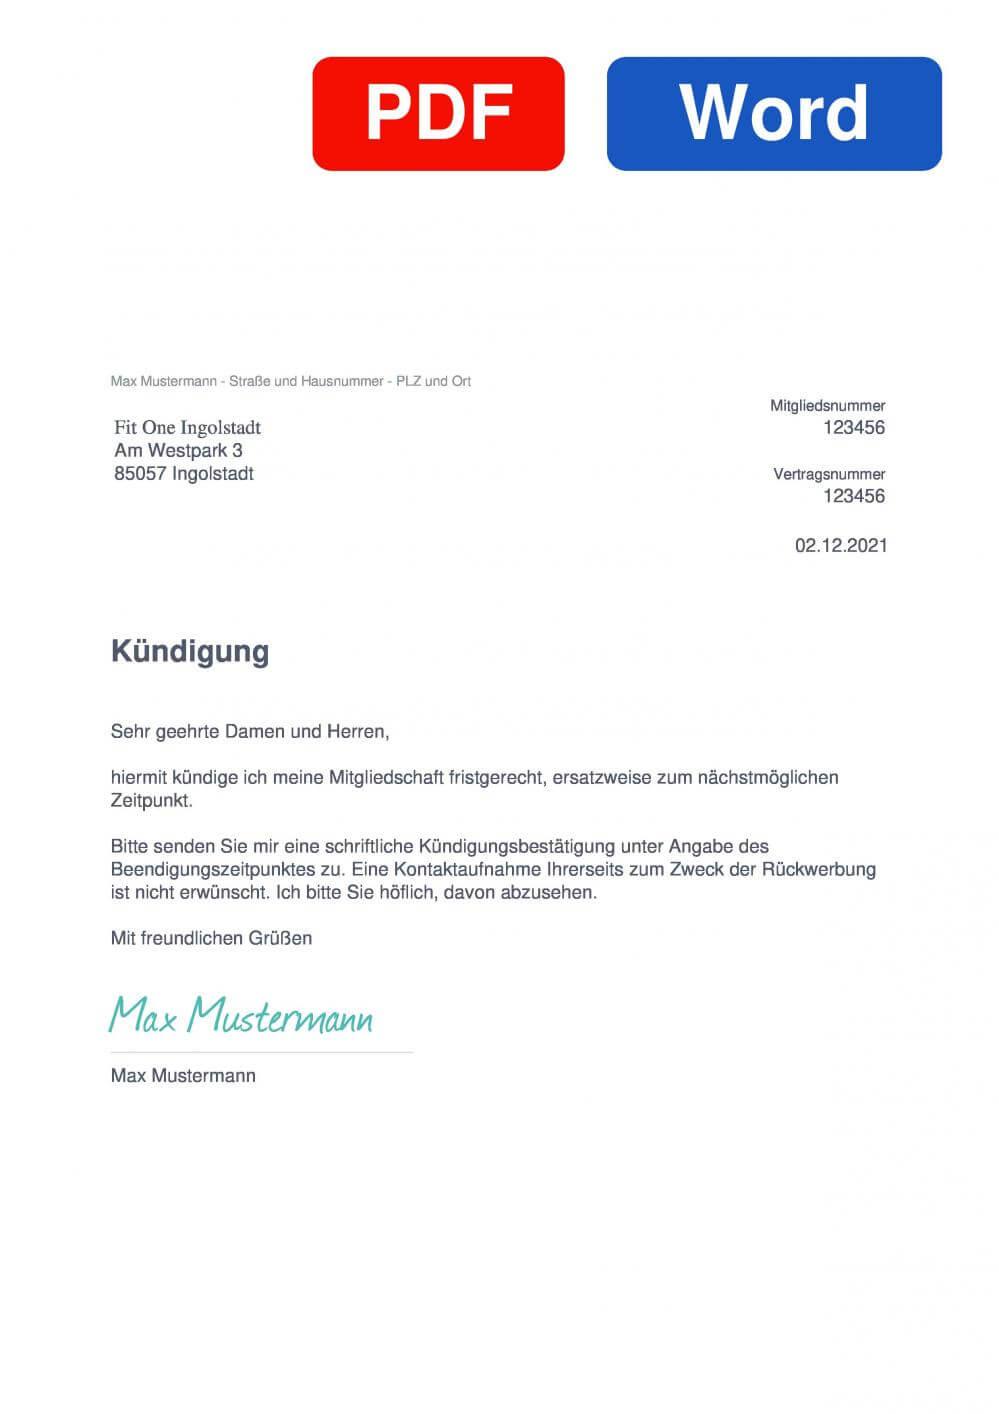 FIT/ONE Ingolstadt Muster Vorlage für Kündigungsschreiben